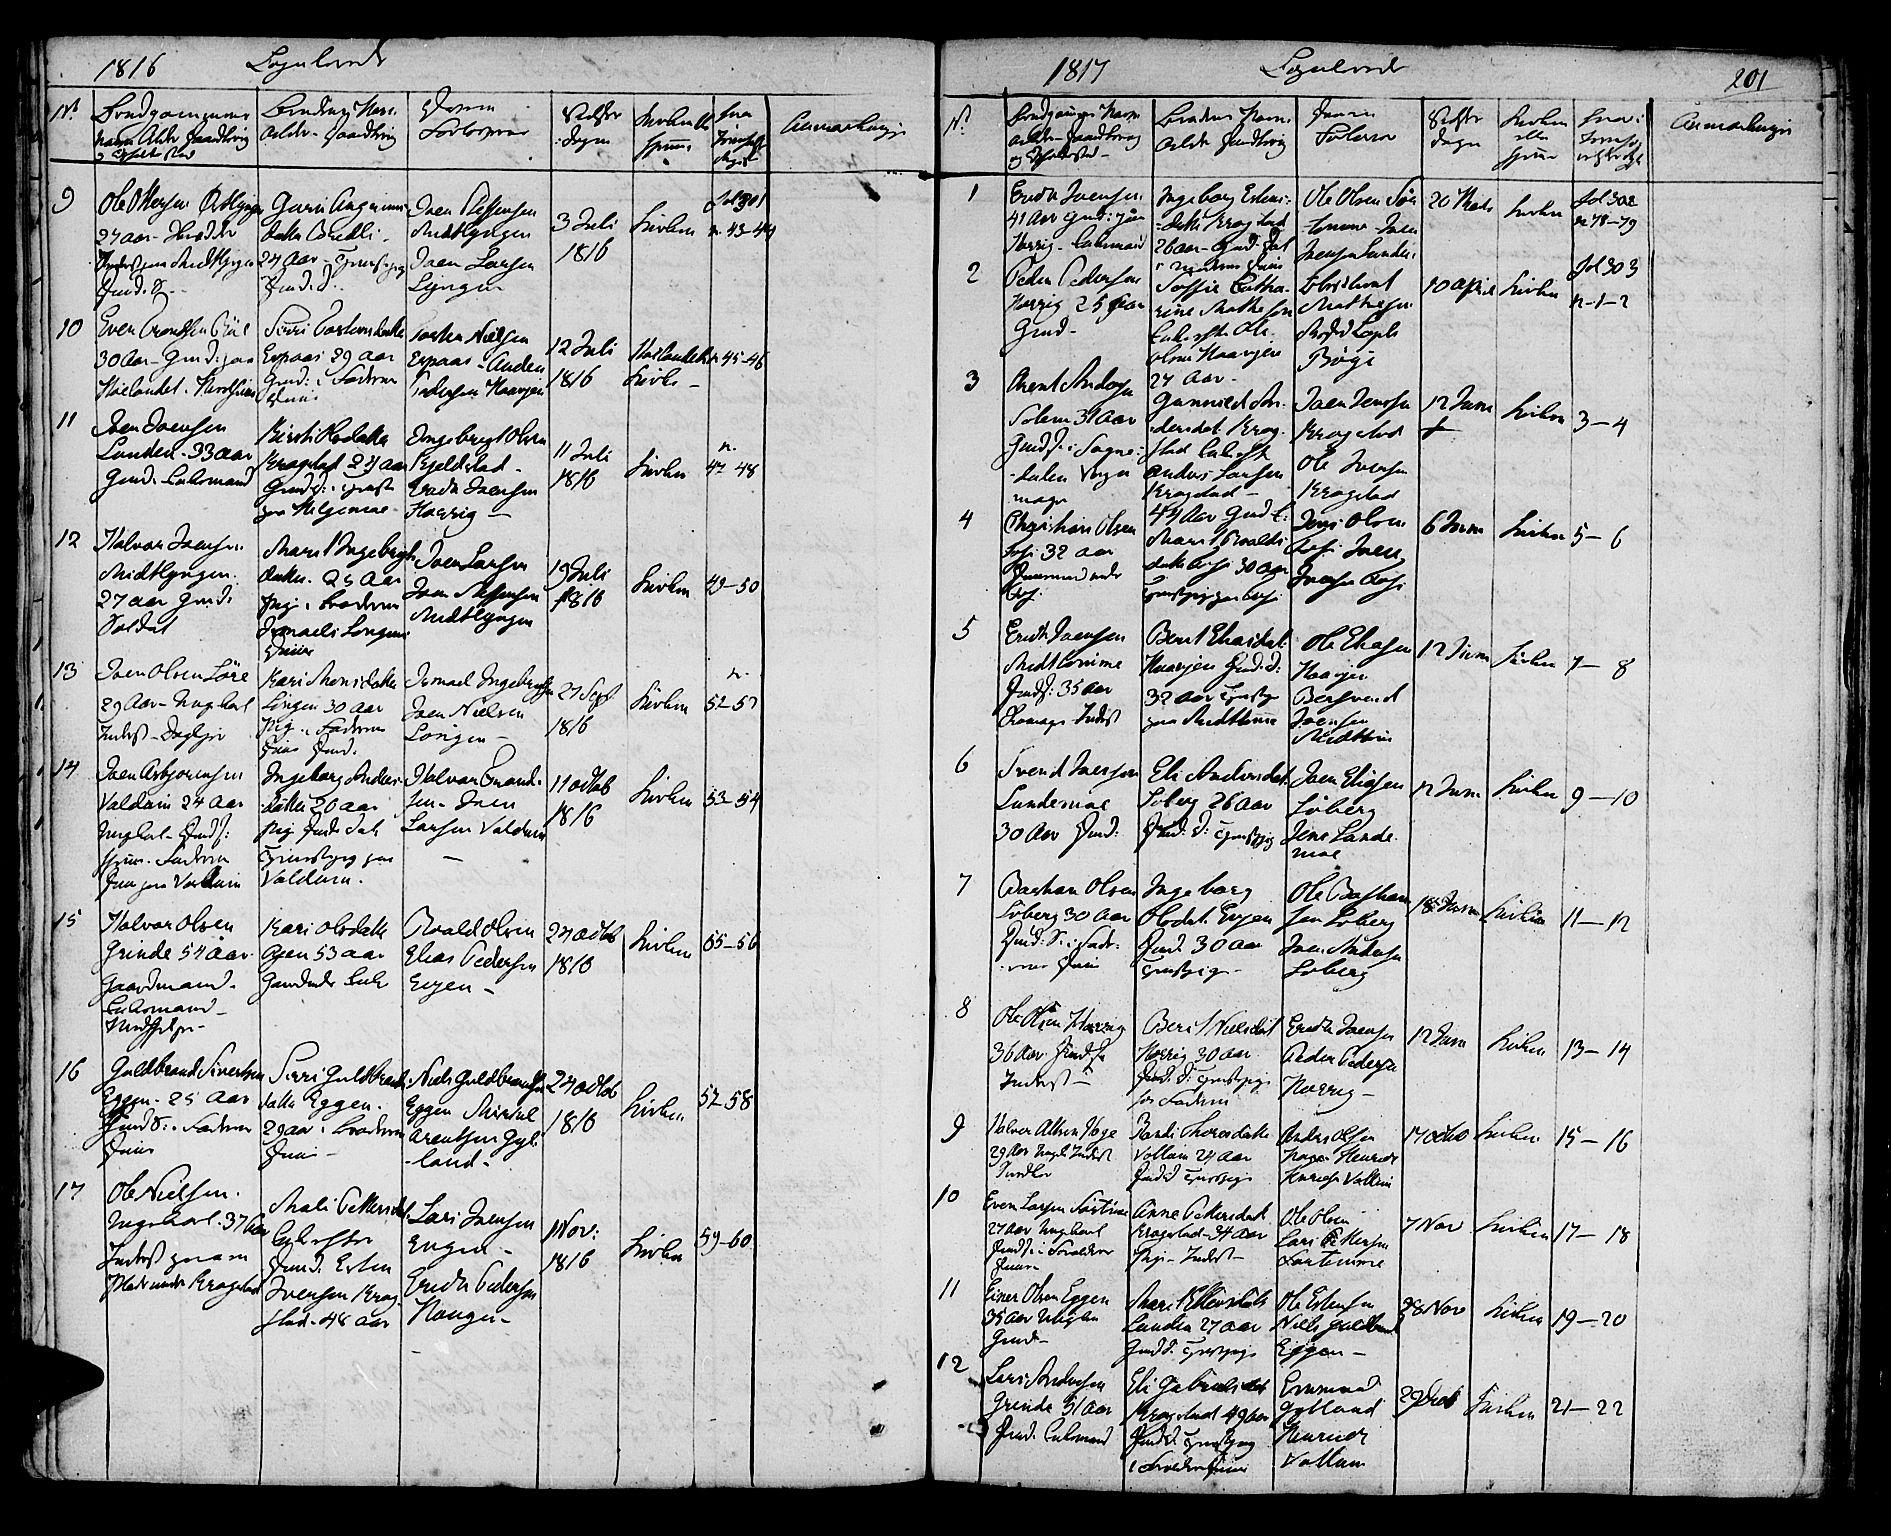 SAT, Ministerialprotokoller, klokkerbøker og fødselsregistre - Sør-Trøndelag, 692/L1108: Klokkerbok nr. 692C03, 1816-1833, s. 201